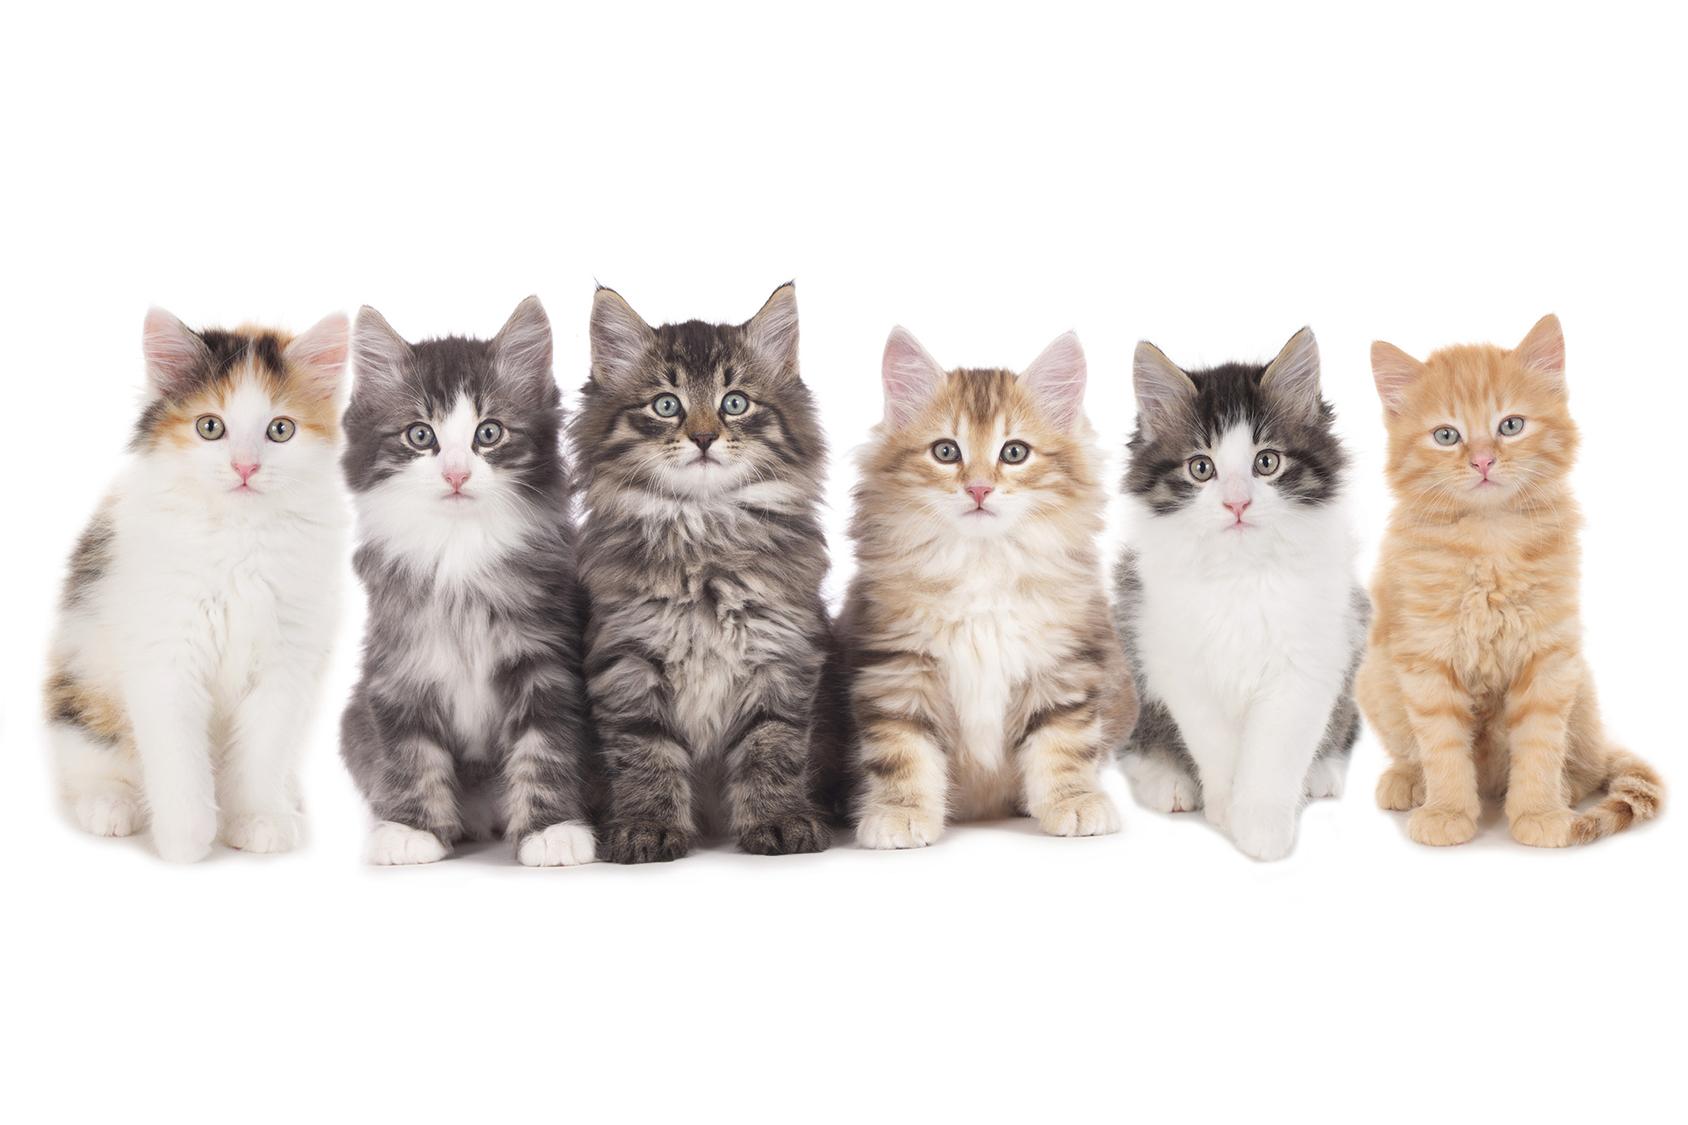 Blog gatti : Tutte de razze dei gatti, tutte le razze di gatti